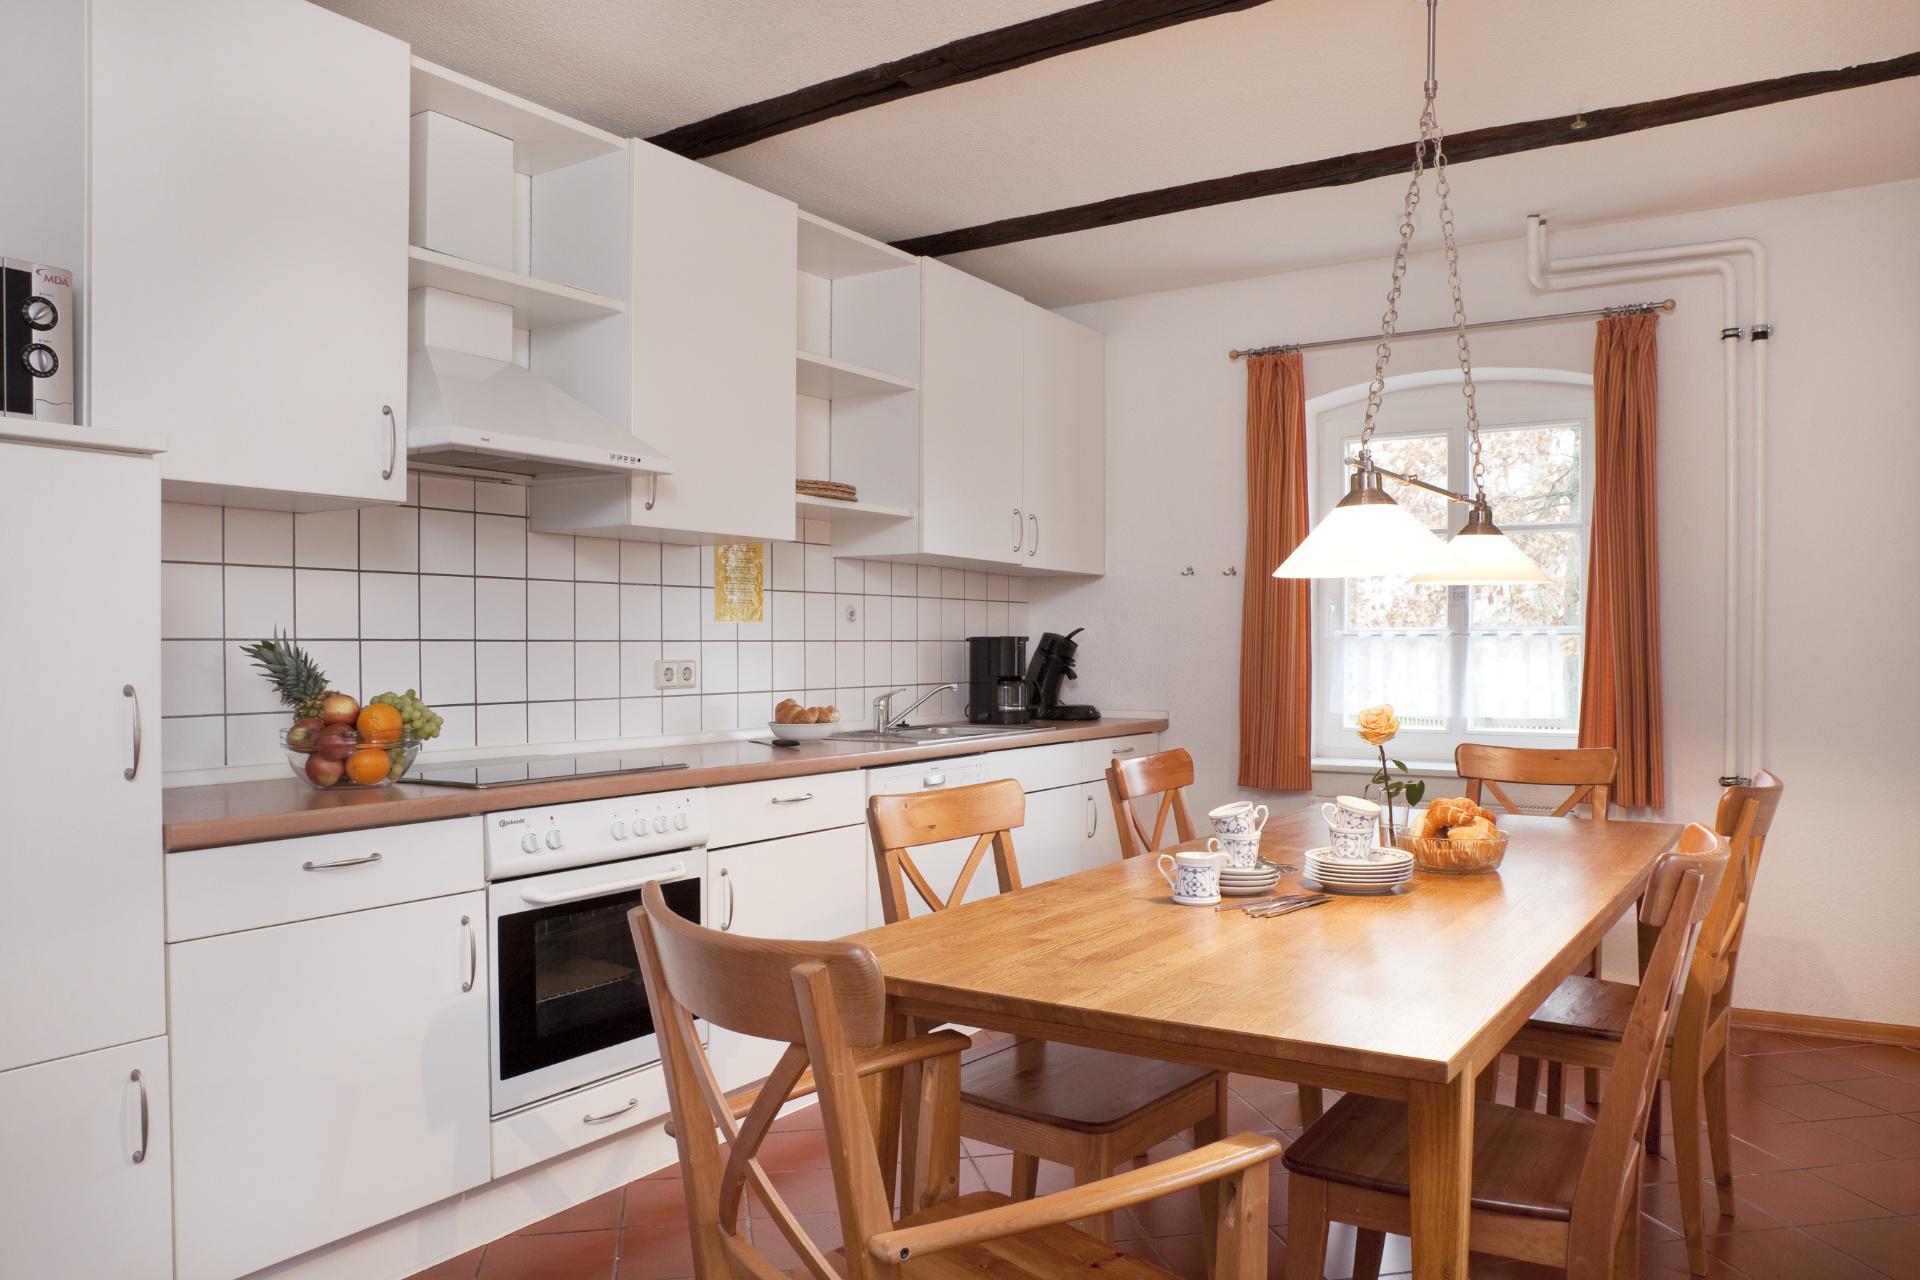 App. 11 - Küche